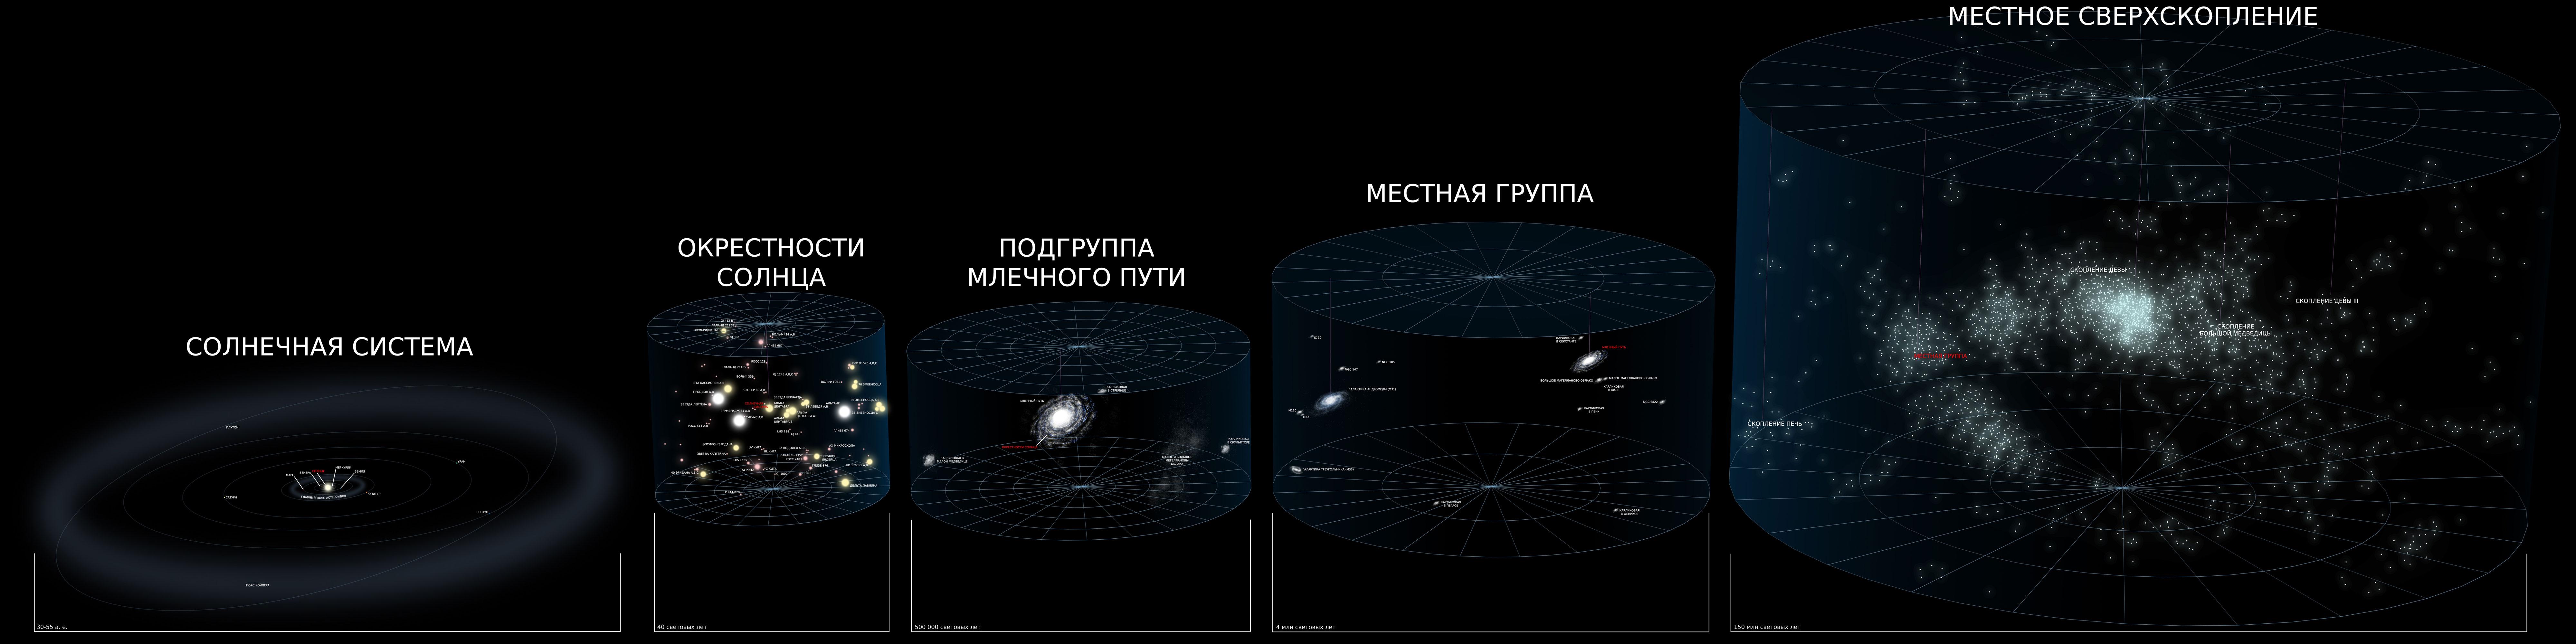 Огромные расстояния в космическом пространстве